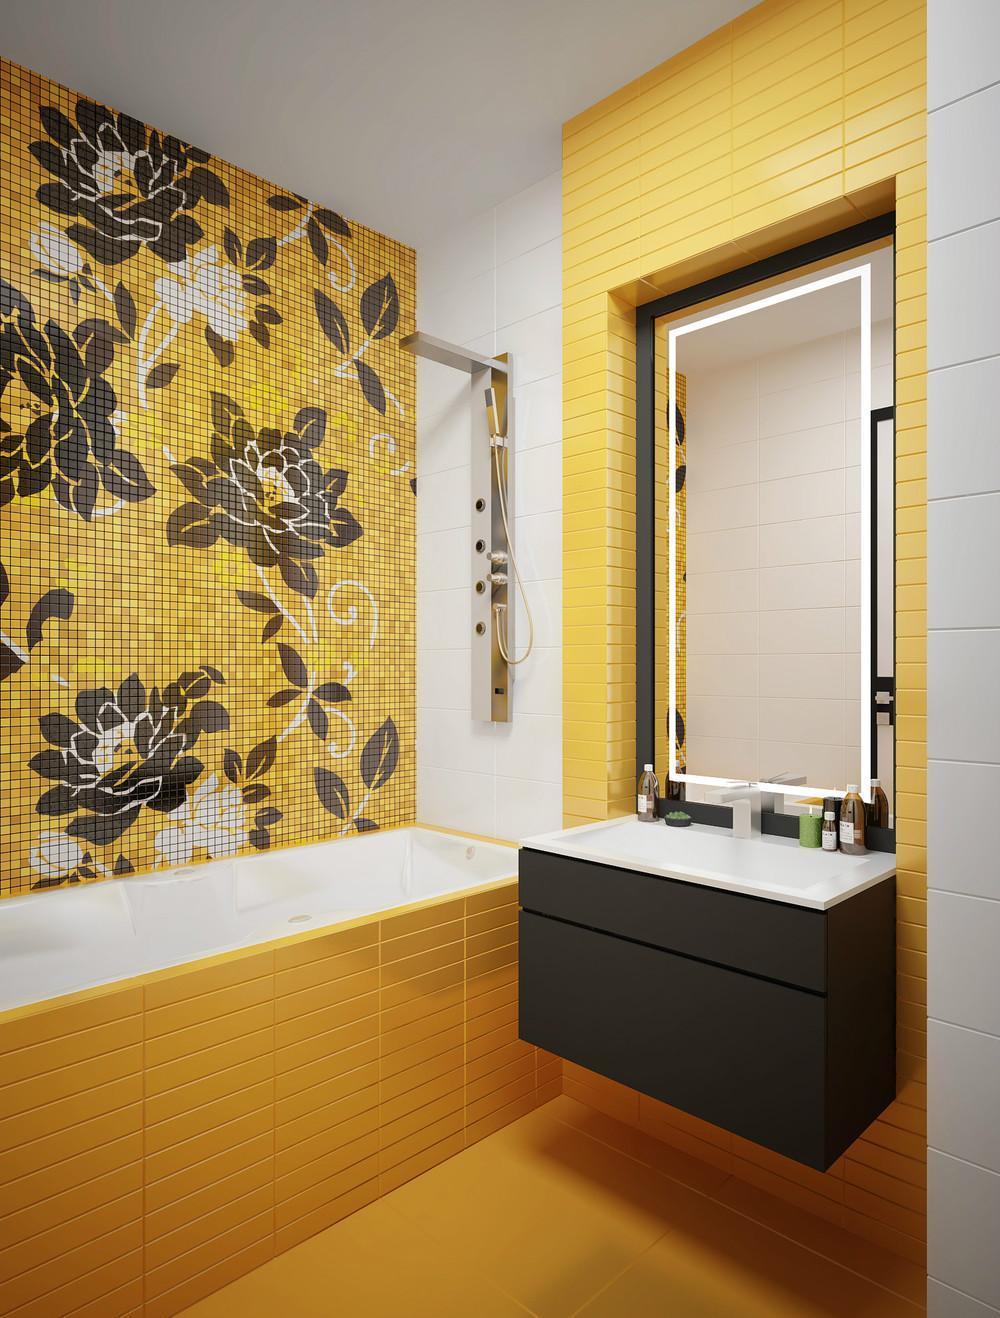 Желтая плитка и мозаика с рисунком в ванной